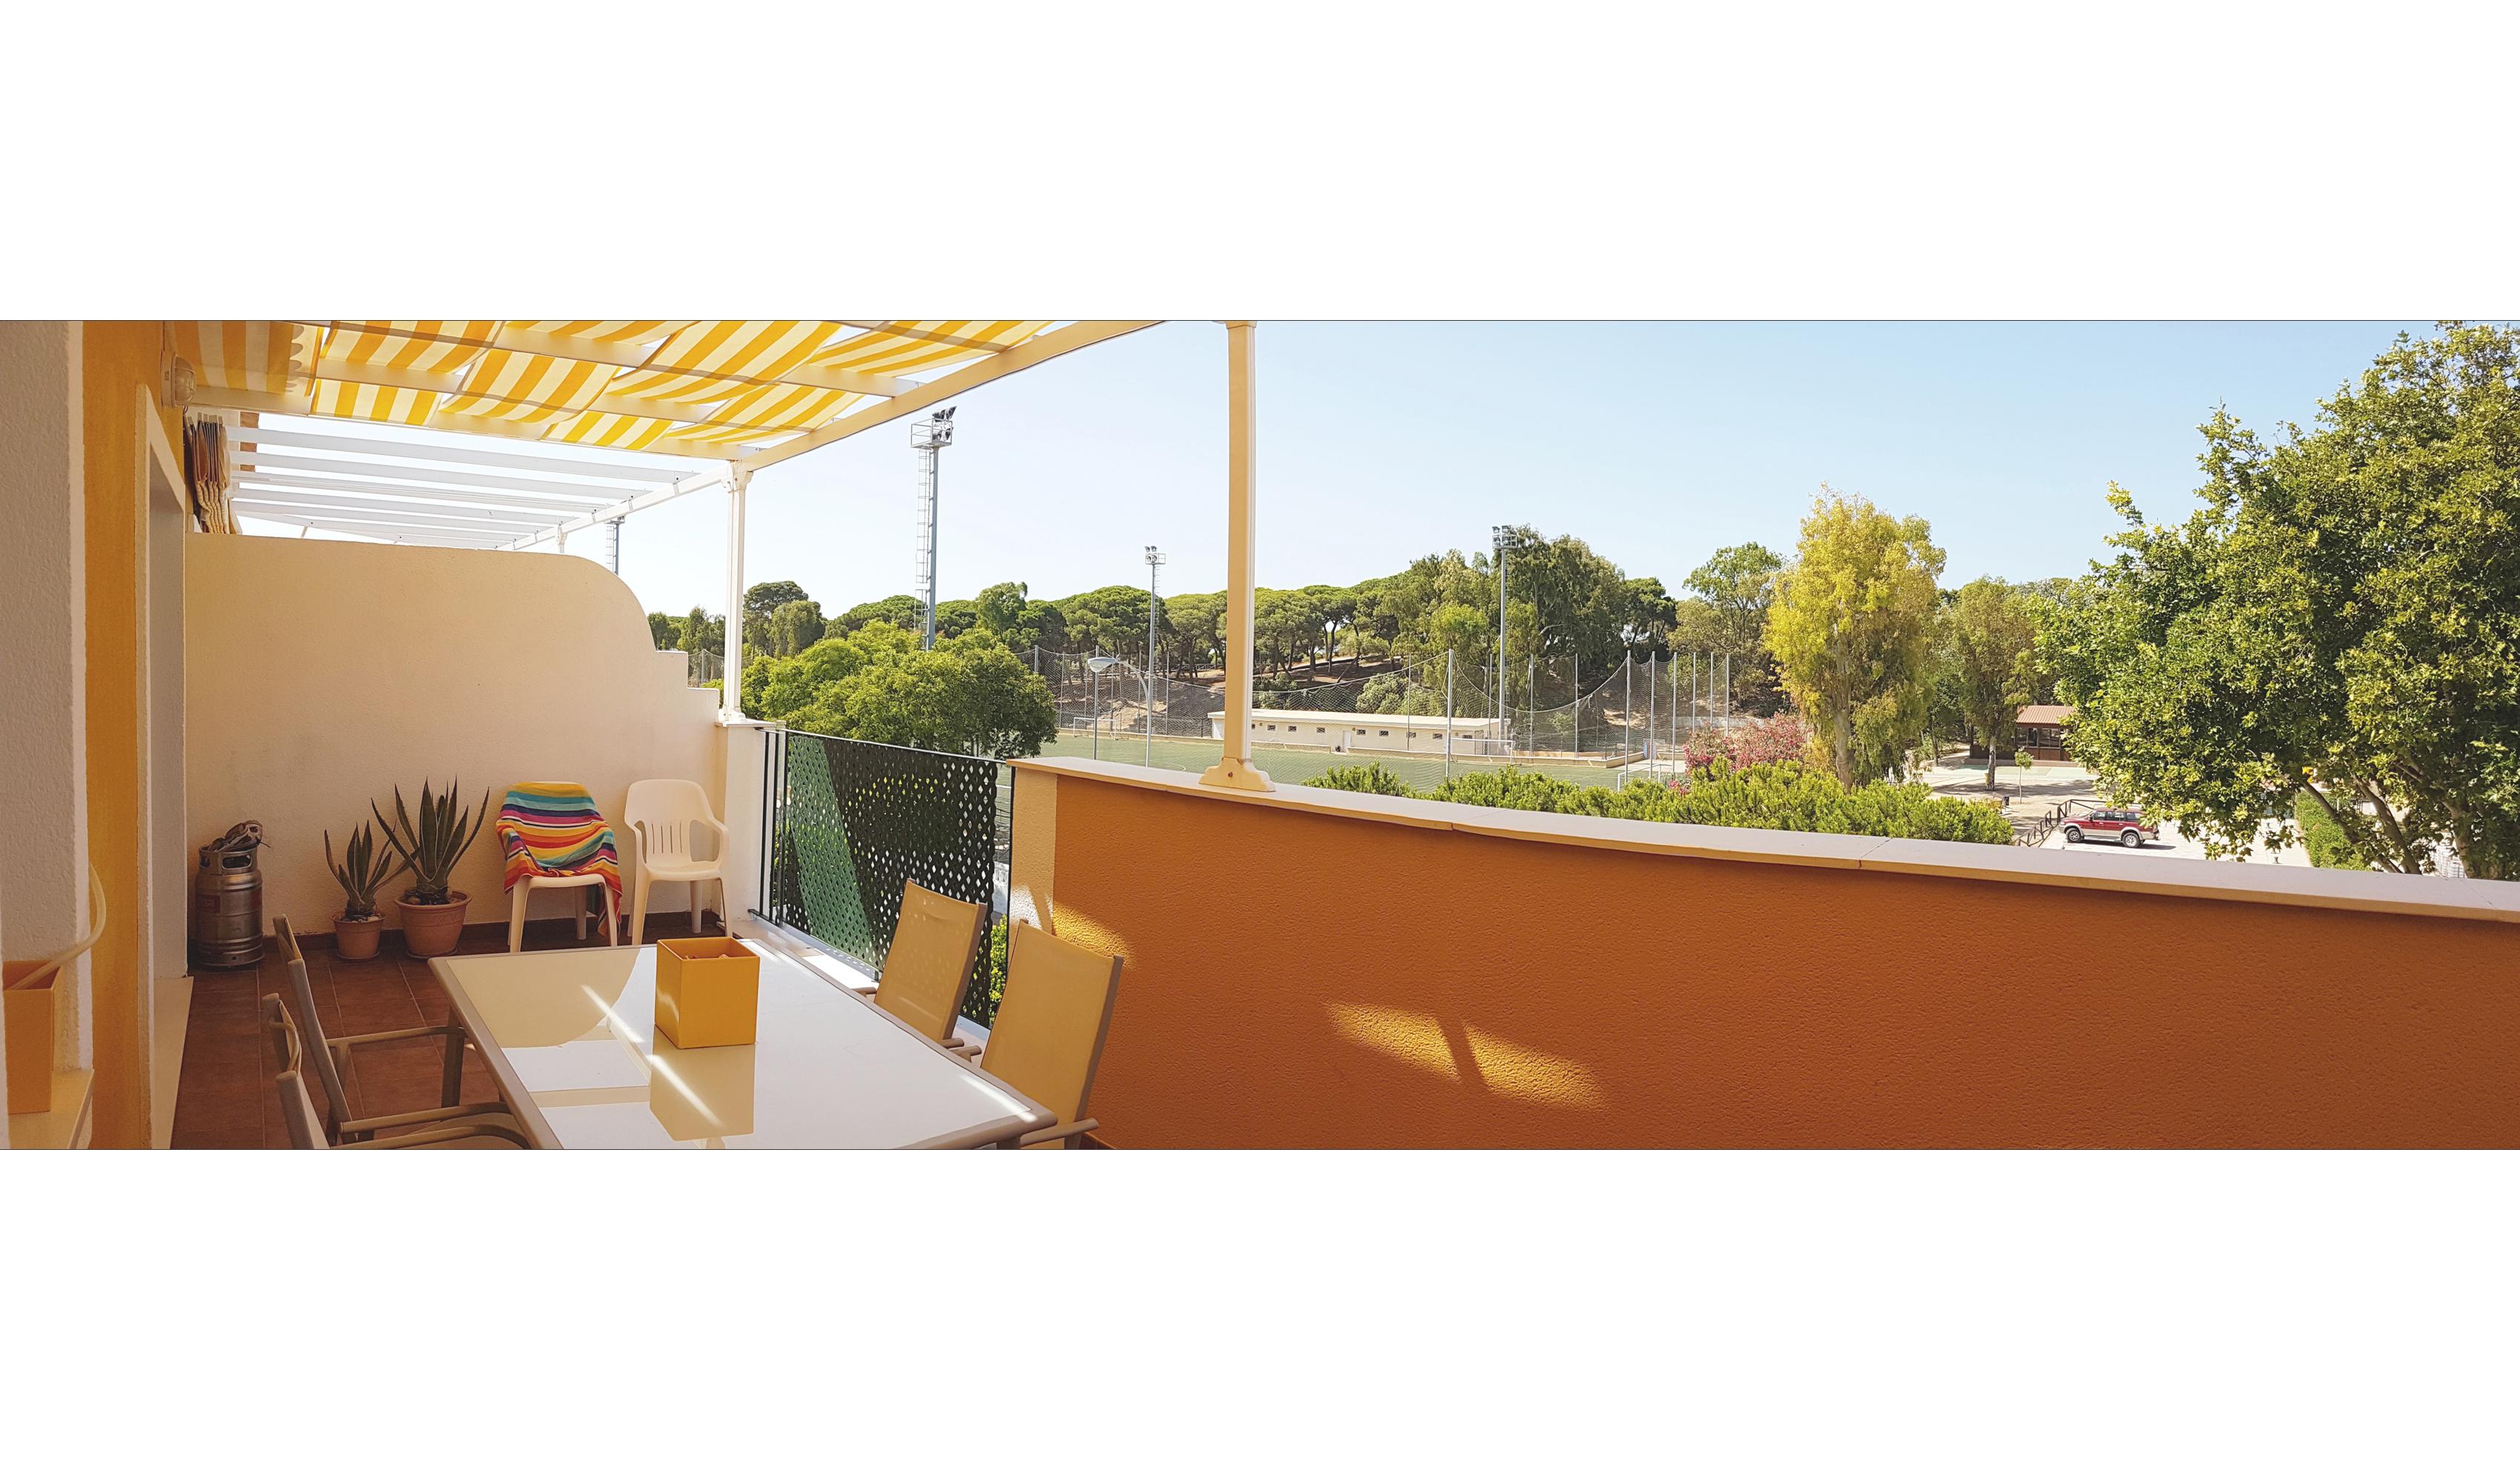 Alquiler 2 Habitaciones Rota Cadiz Espana Av De La